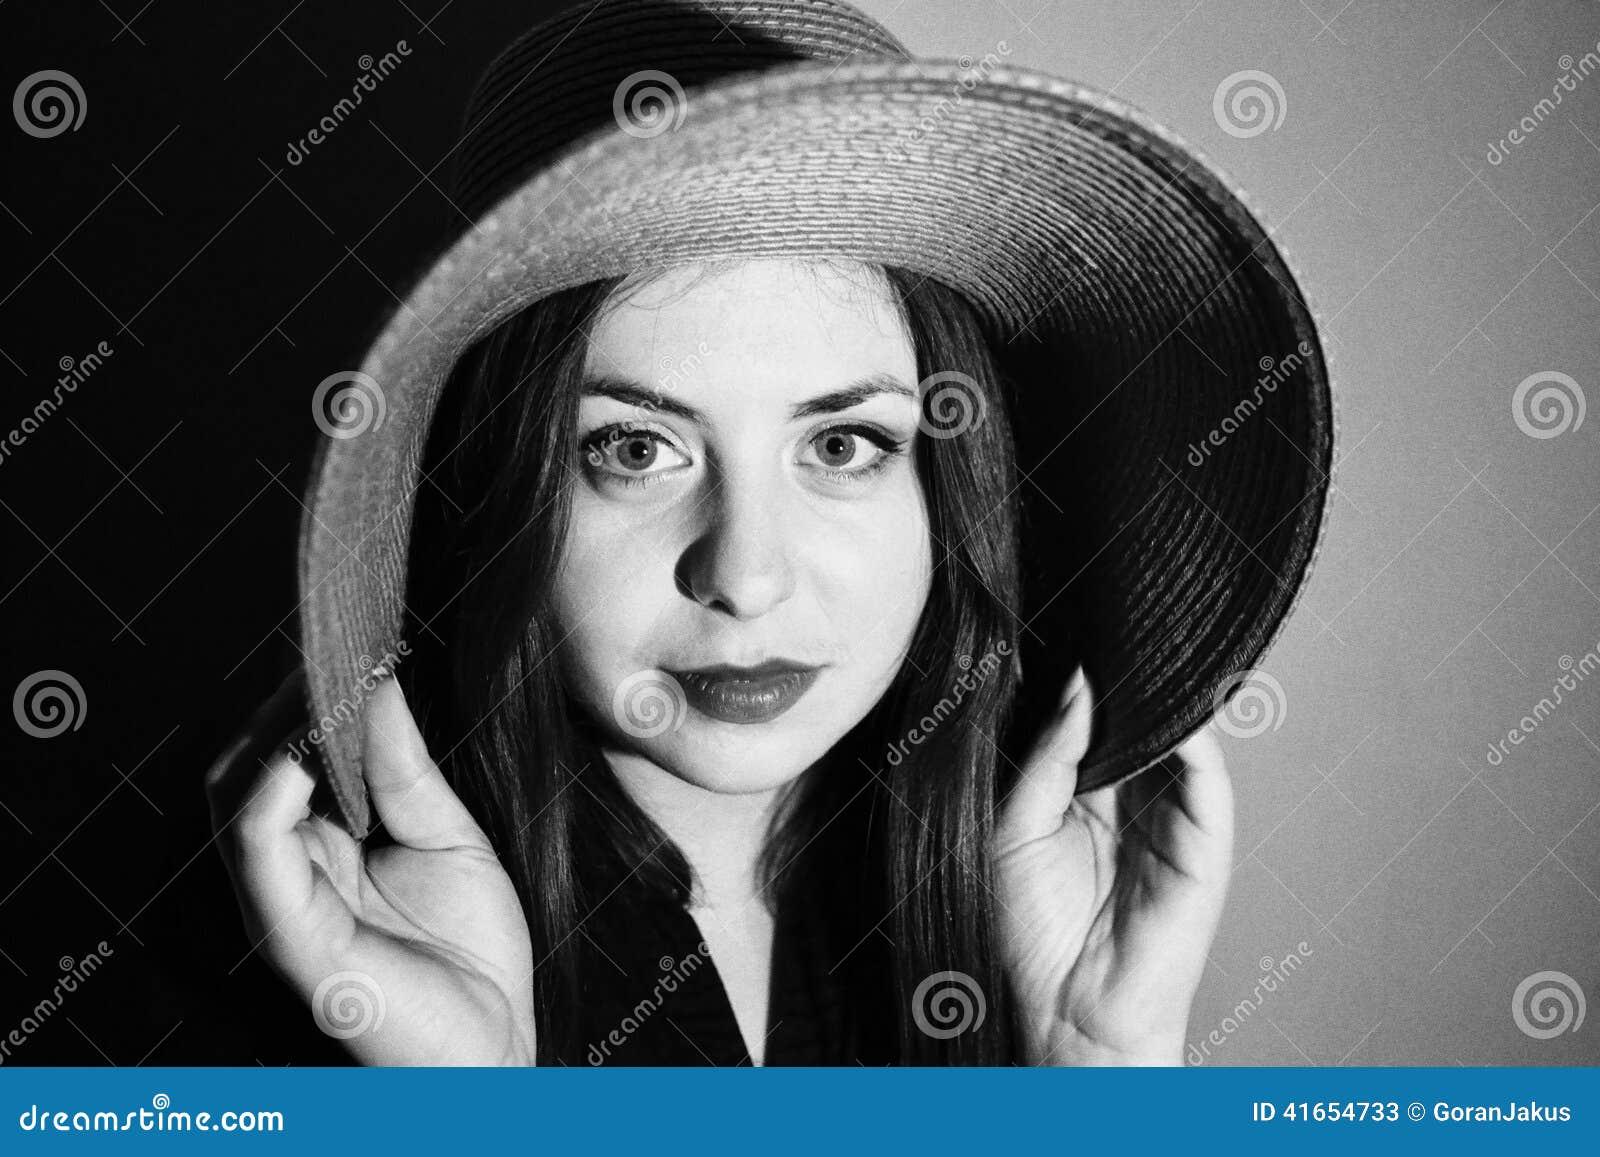 Очаровательная девушка с розовой шляпой черно-белой